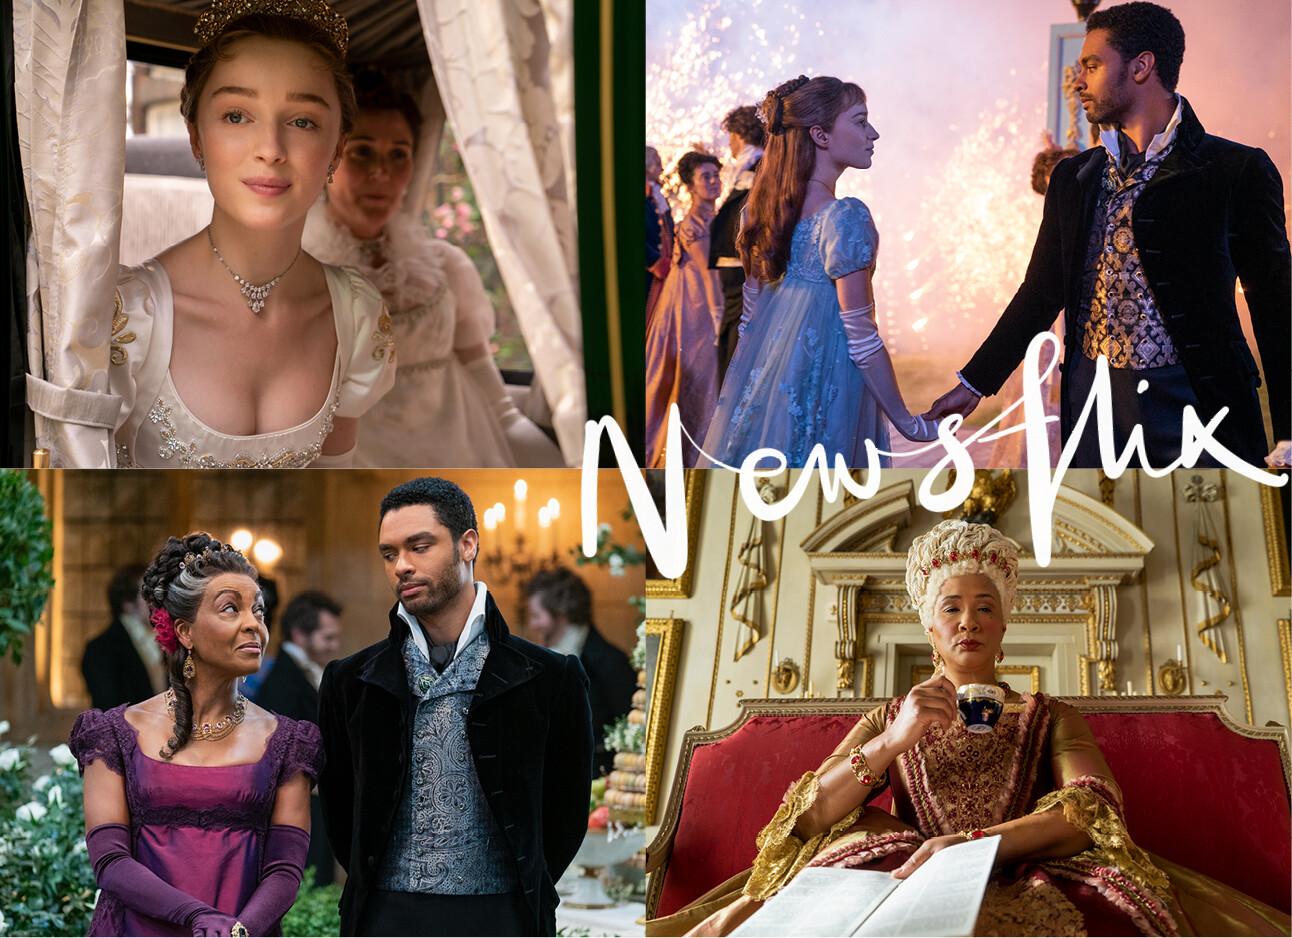 Gossip Girl meets The Crown in deze nieuwe Netflix-serie